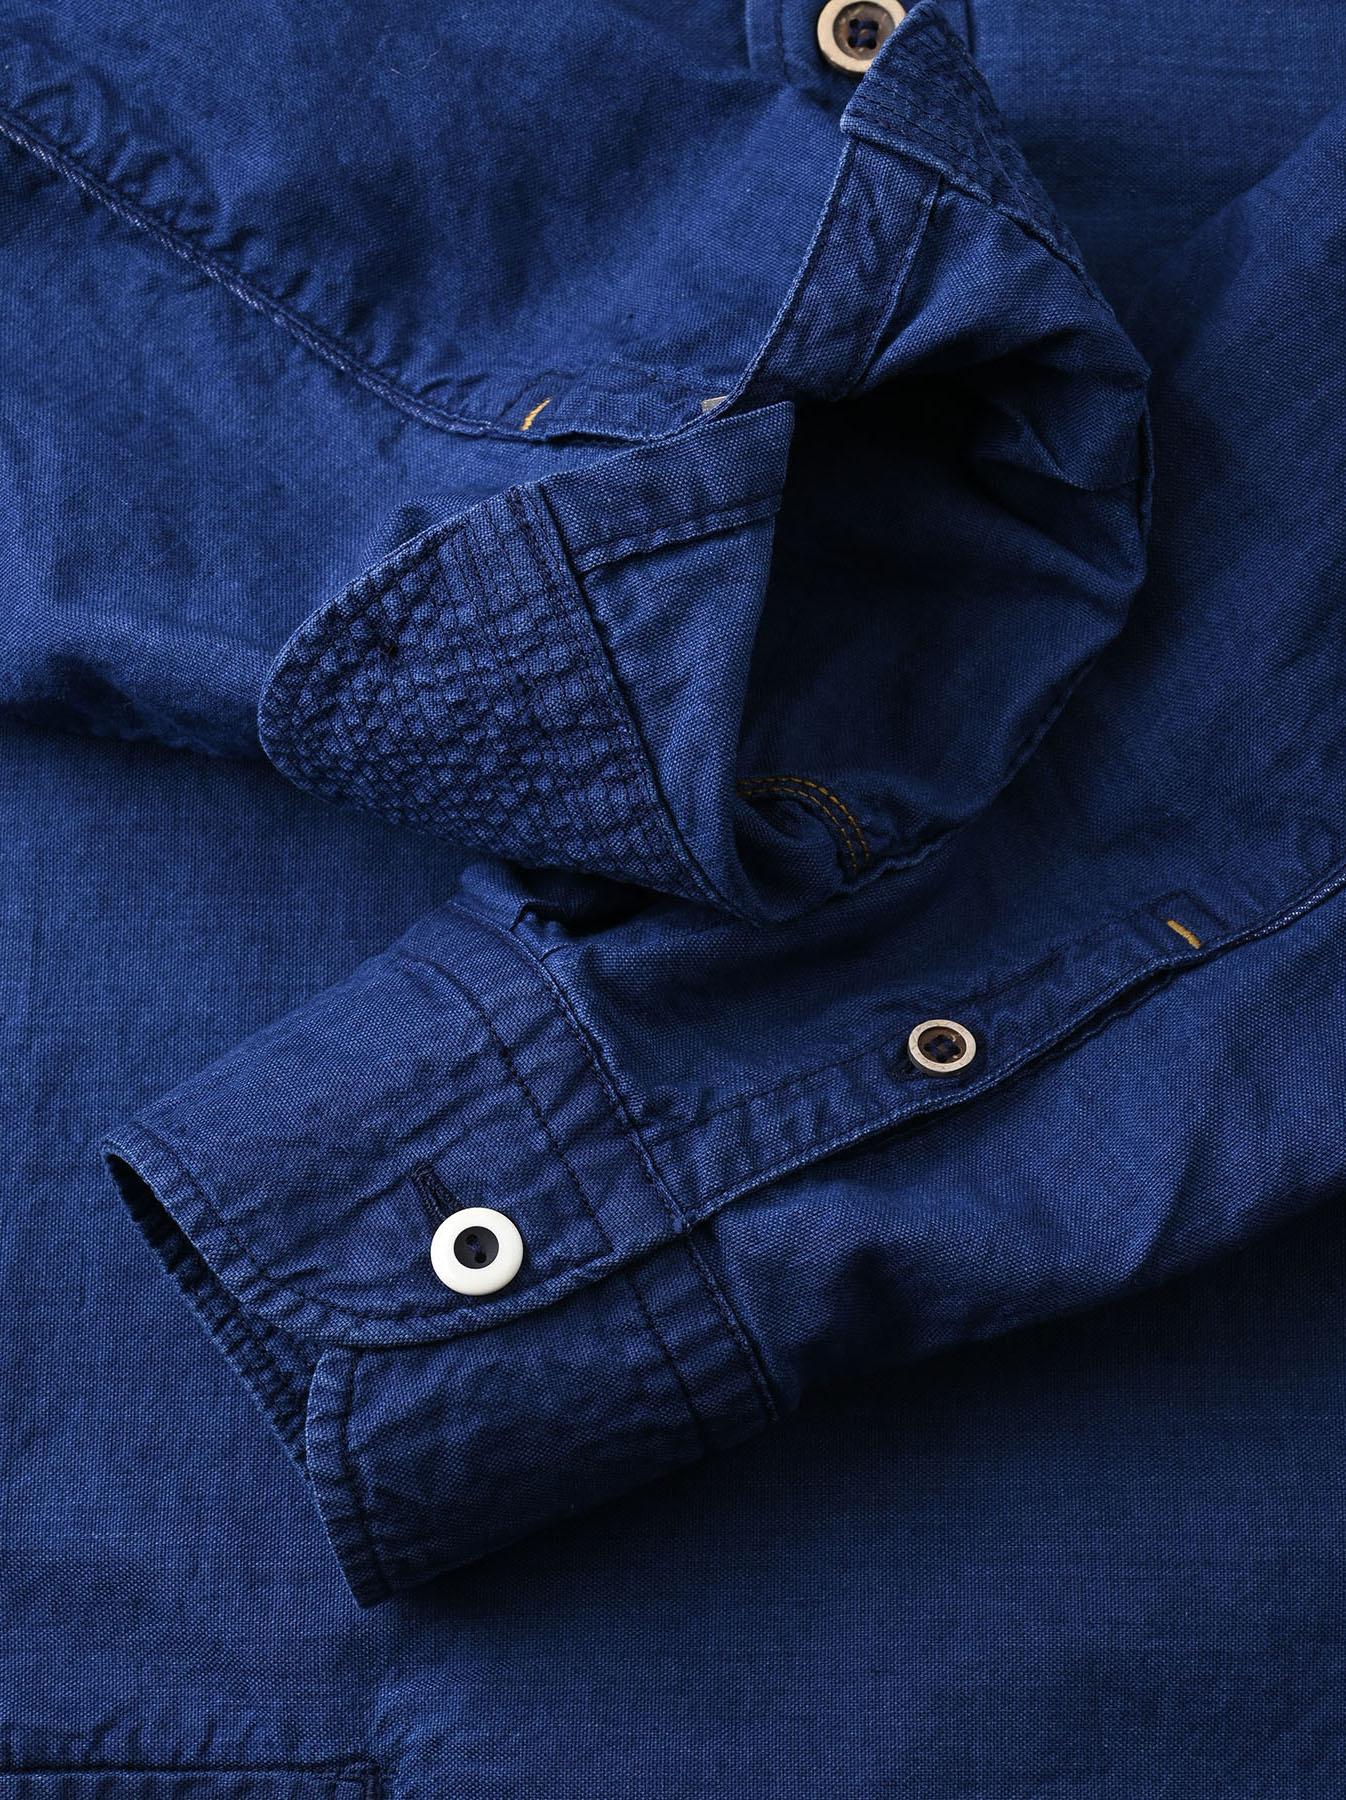 Indigo Thin Oxford Horizon Ocean Shirt (0621)-12